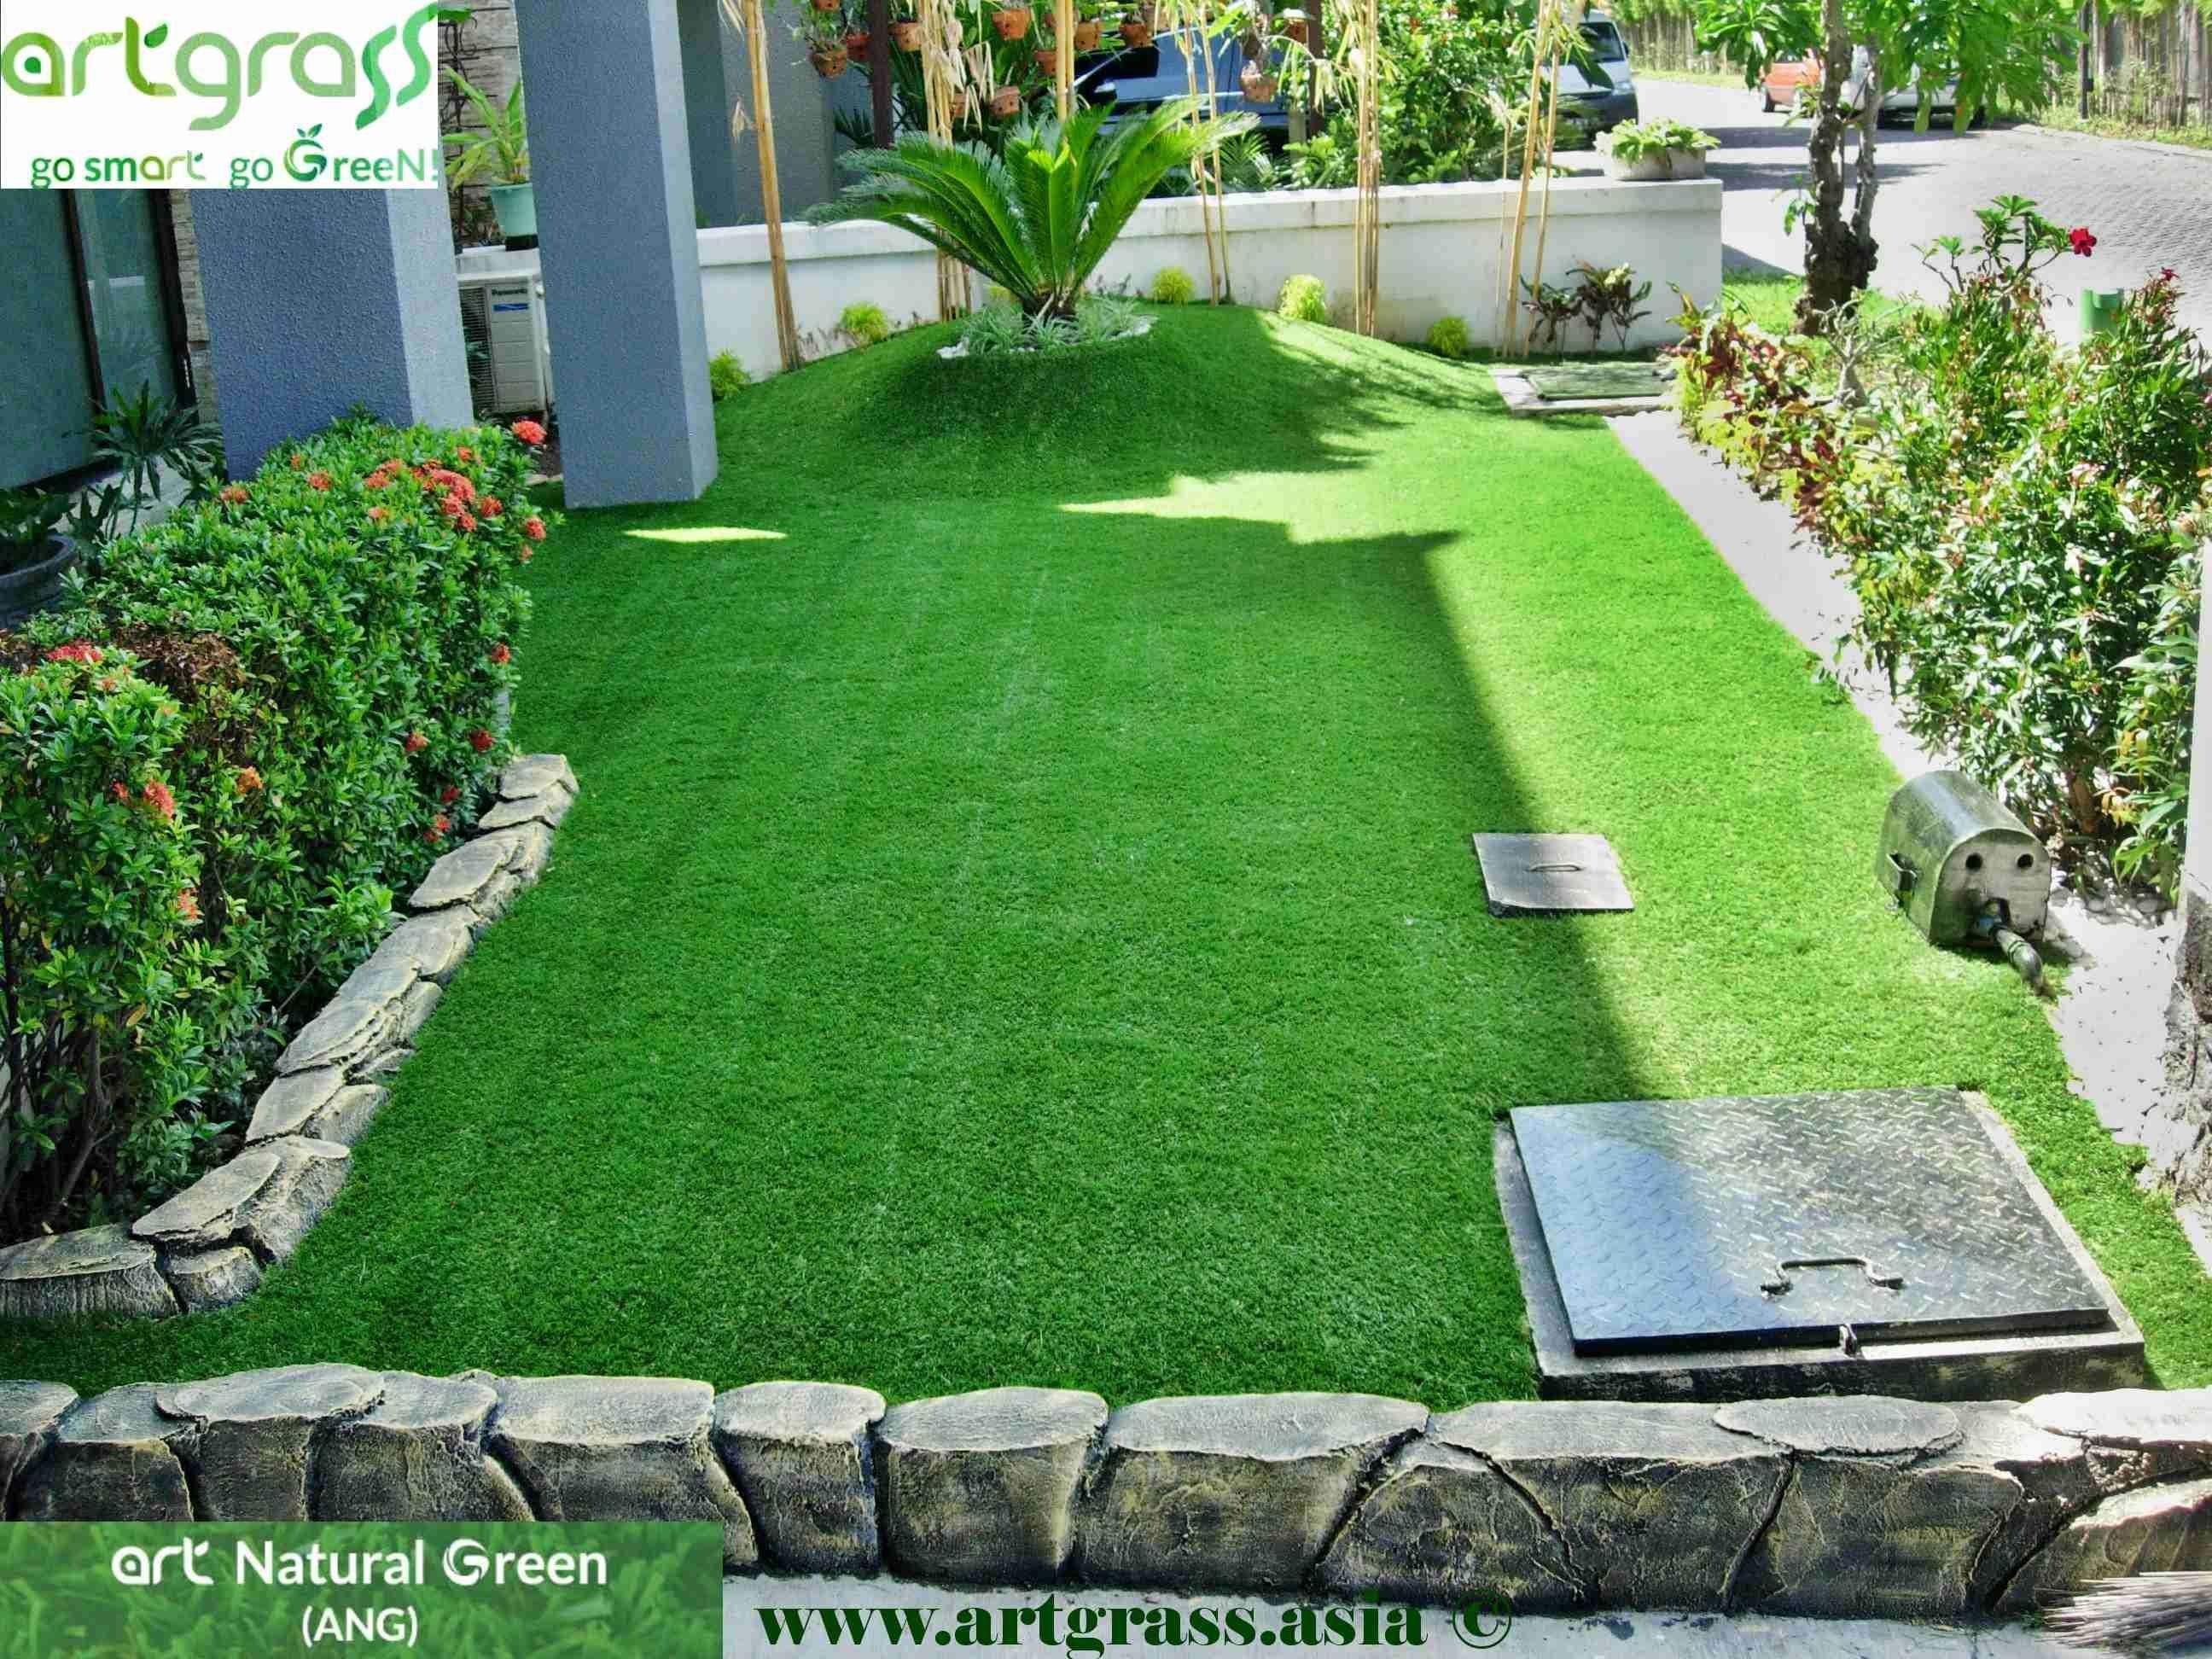 Inilah 7 Jenis Rumput Untuk Taman di Rumah Kamu rumput